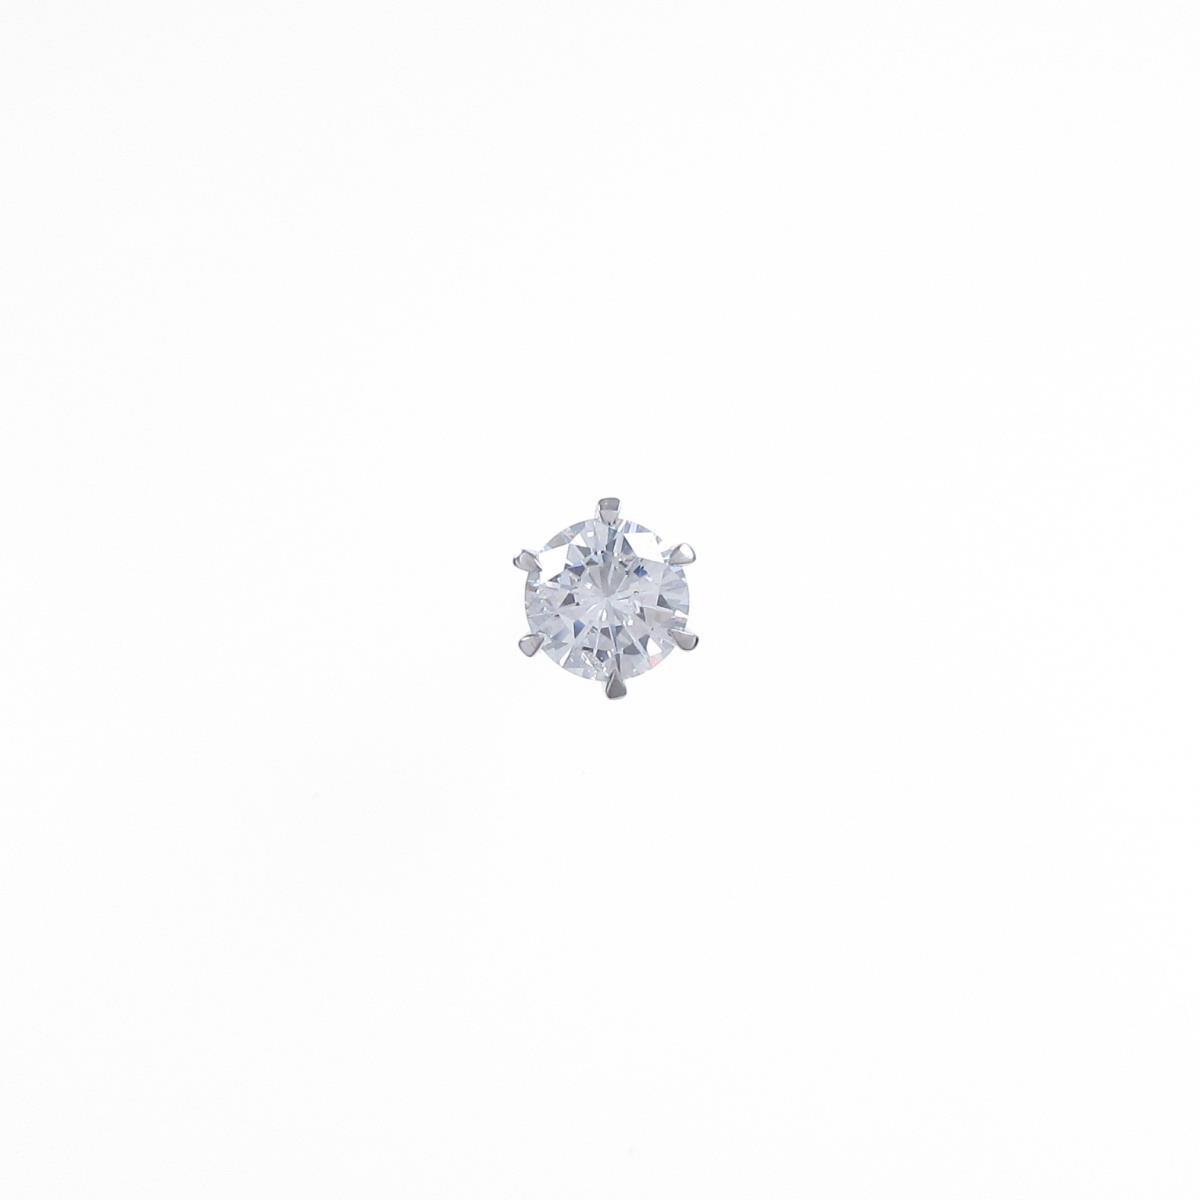 【リメイク】ST/プラチナダイヤモンドピアス 0.544ct・F・SI2・VG【中古】